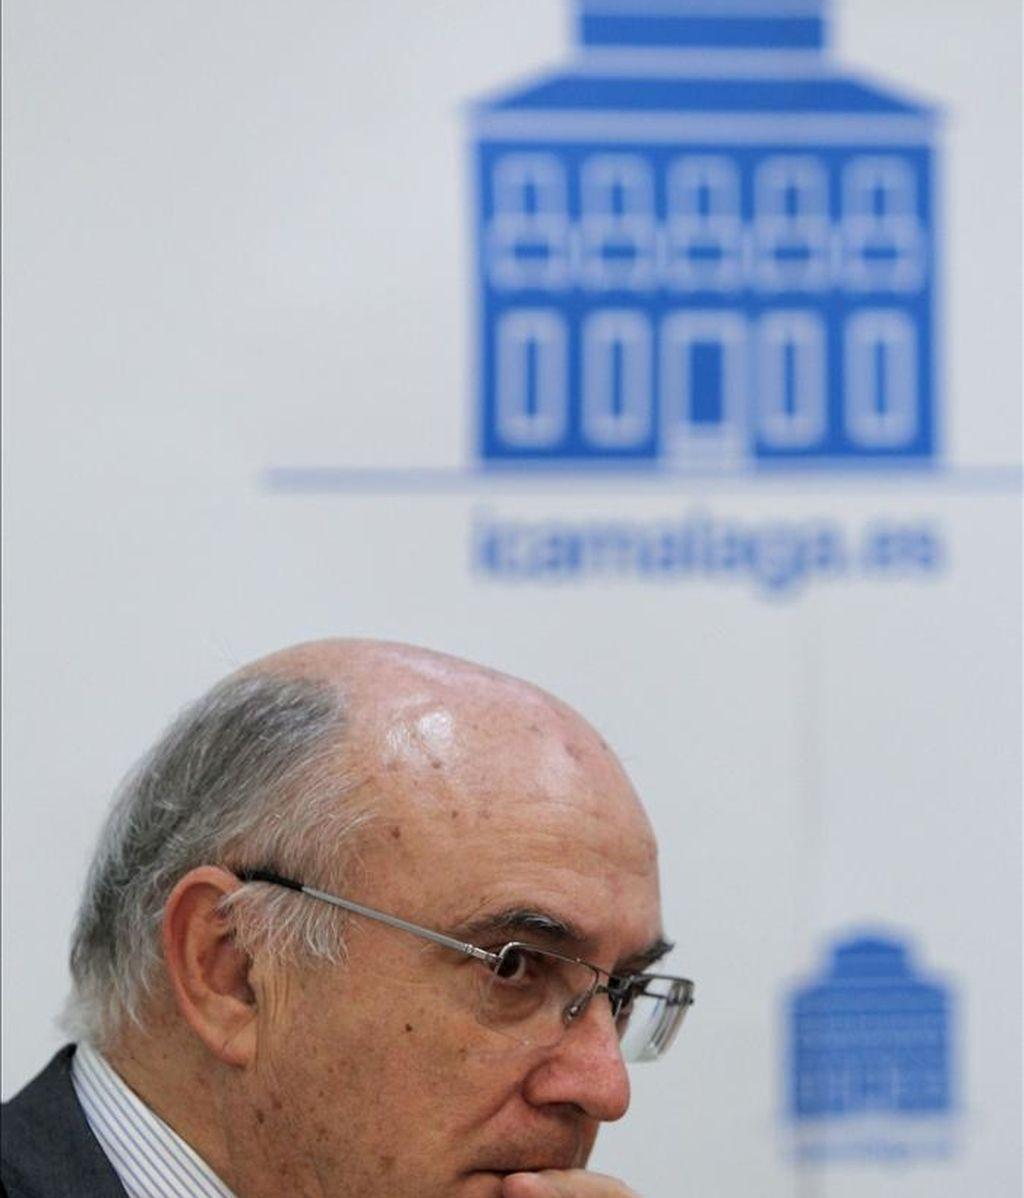 El presidente del Consejo General de la Abogacía Española (CGAE), Carlos Carnicer. EFE/Archivo